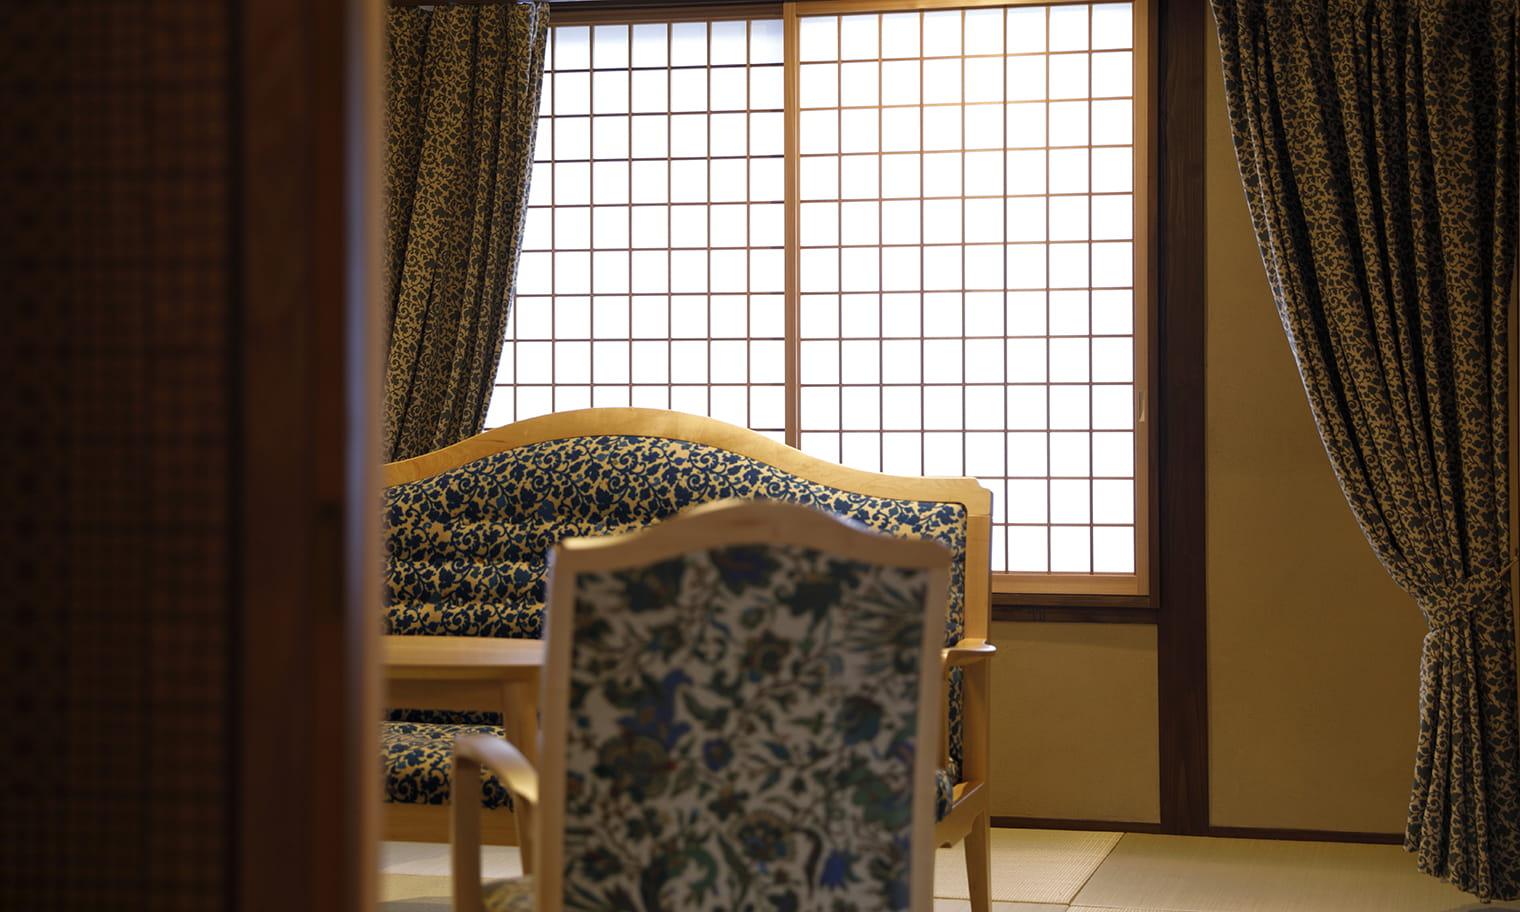 草庵秋桜 本館 和室(二間) 内装イメージ